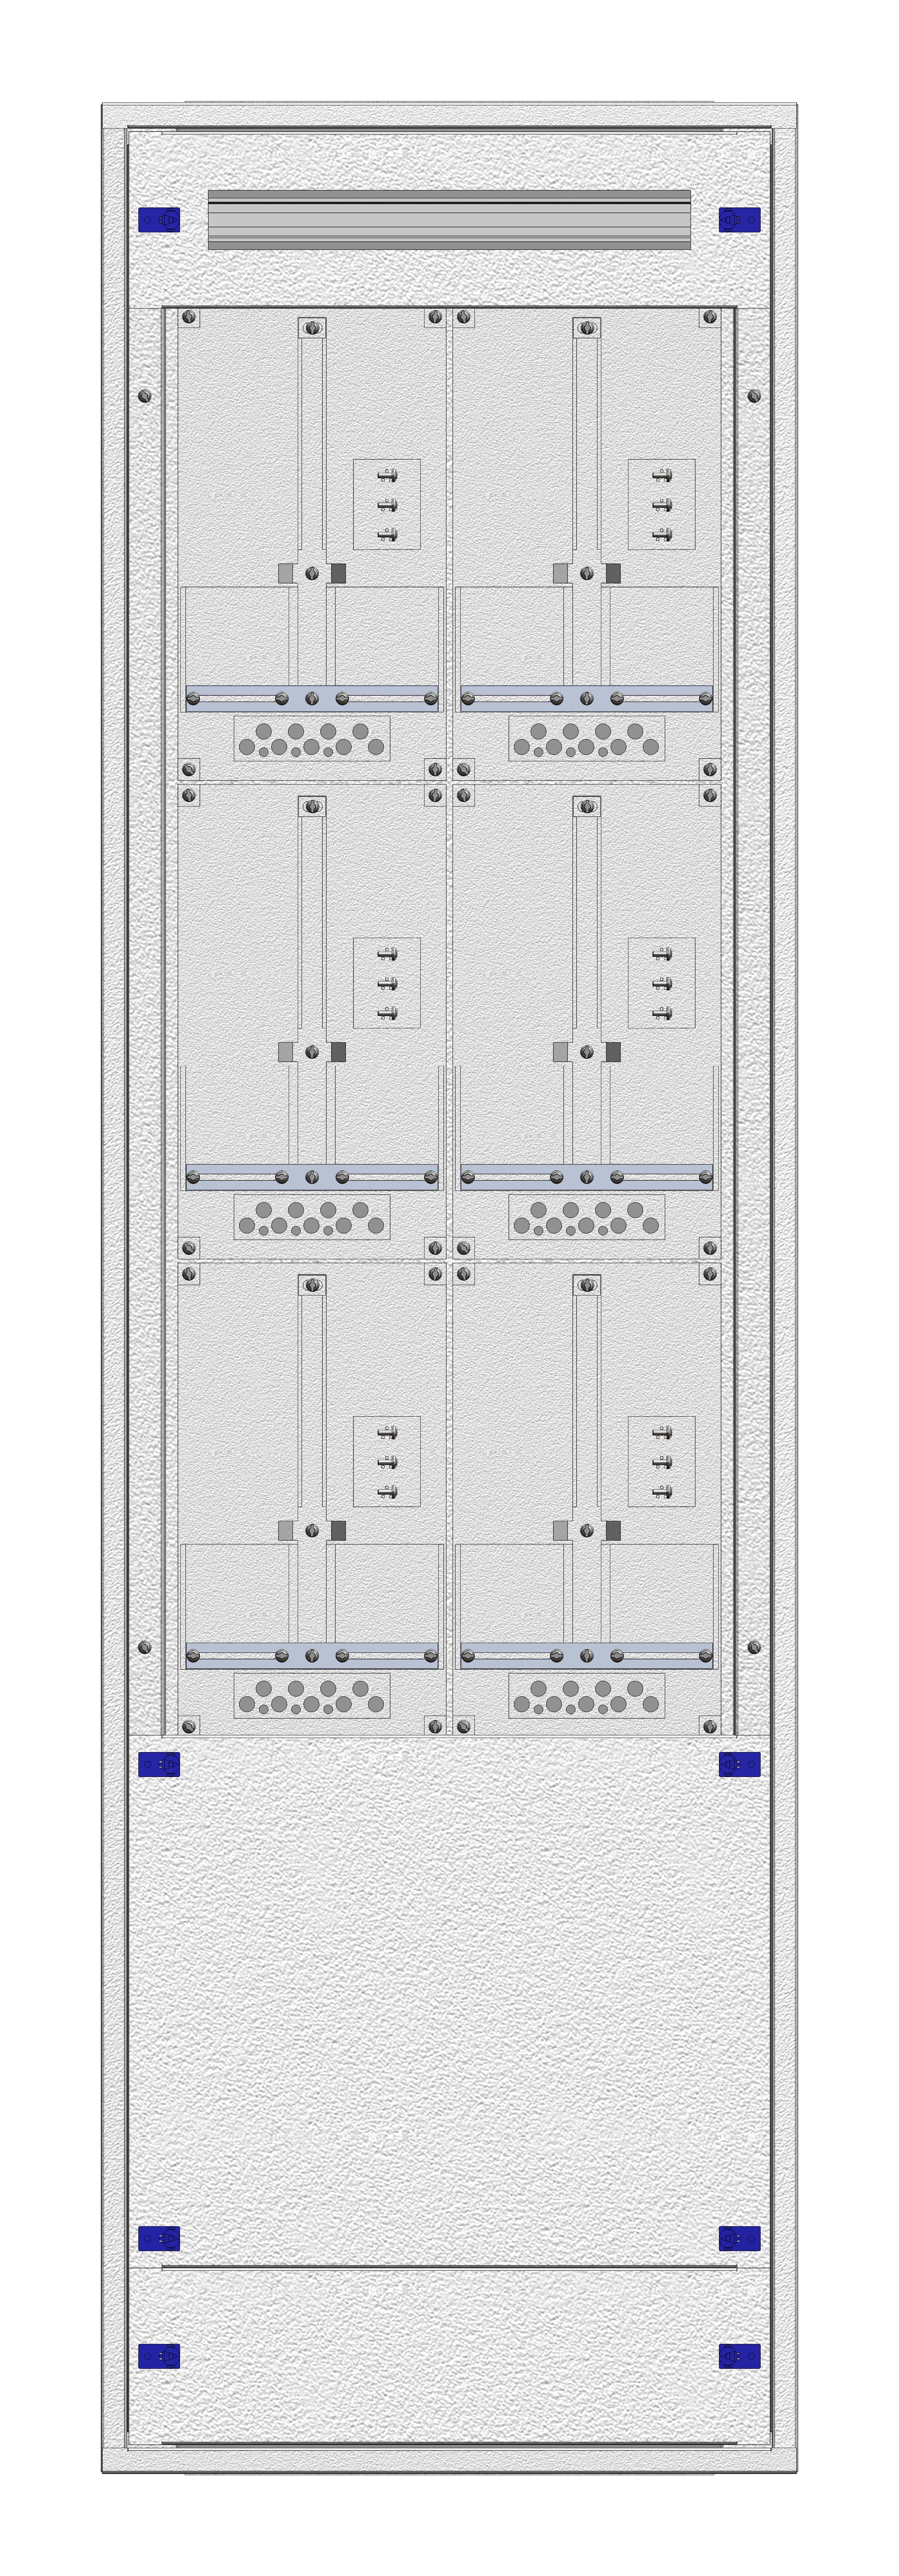 1 Stk Aufputz-Zählerverteiler 2A-39M/WIEN 6ZP, H1885B590T250mm IL168239WS